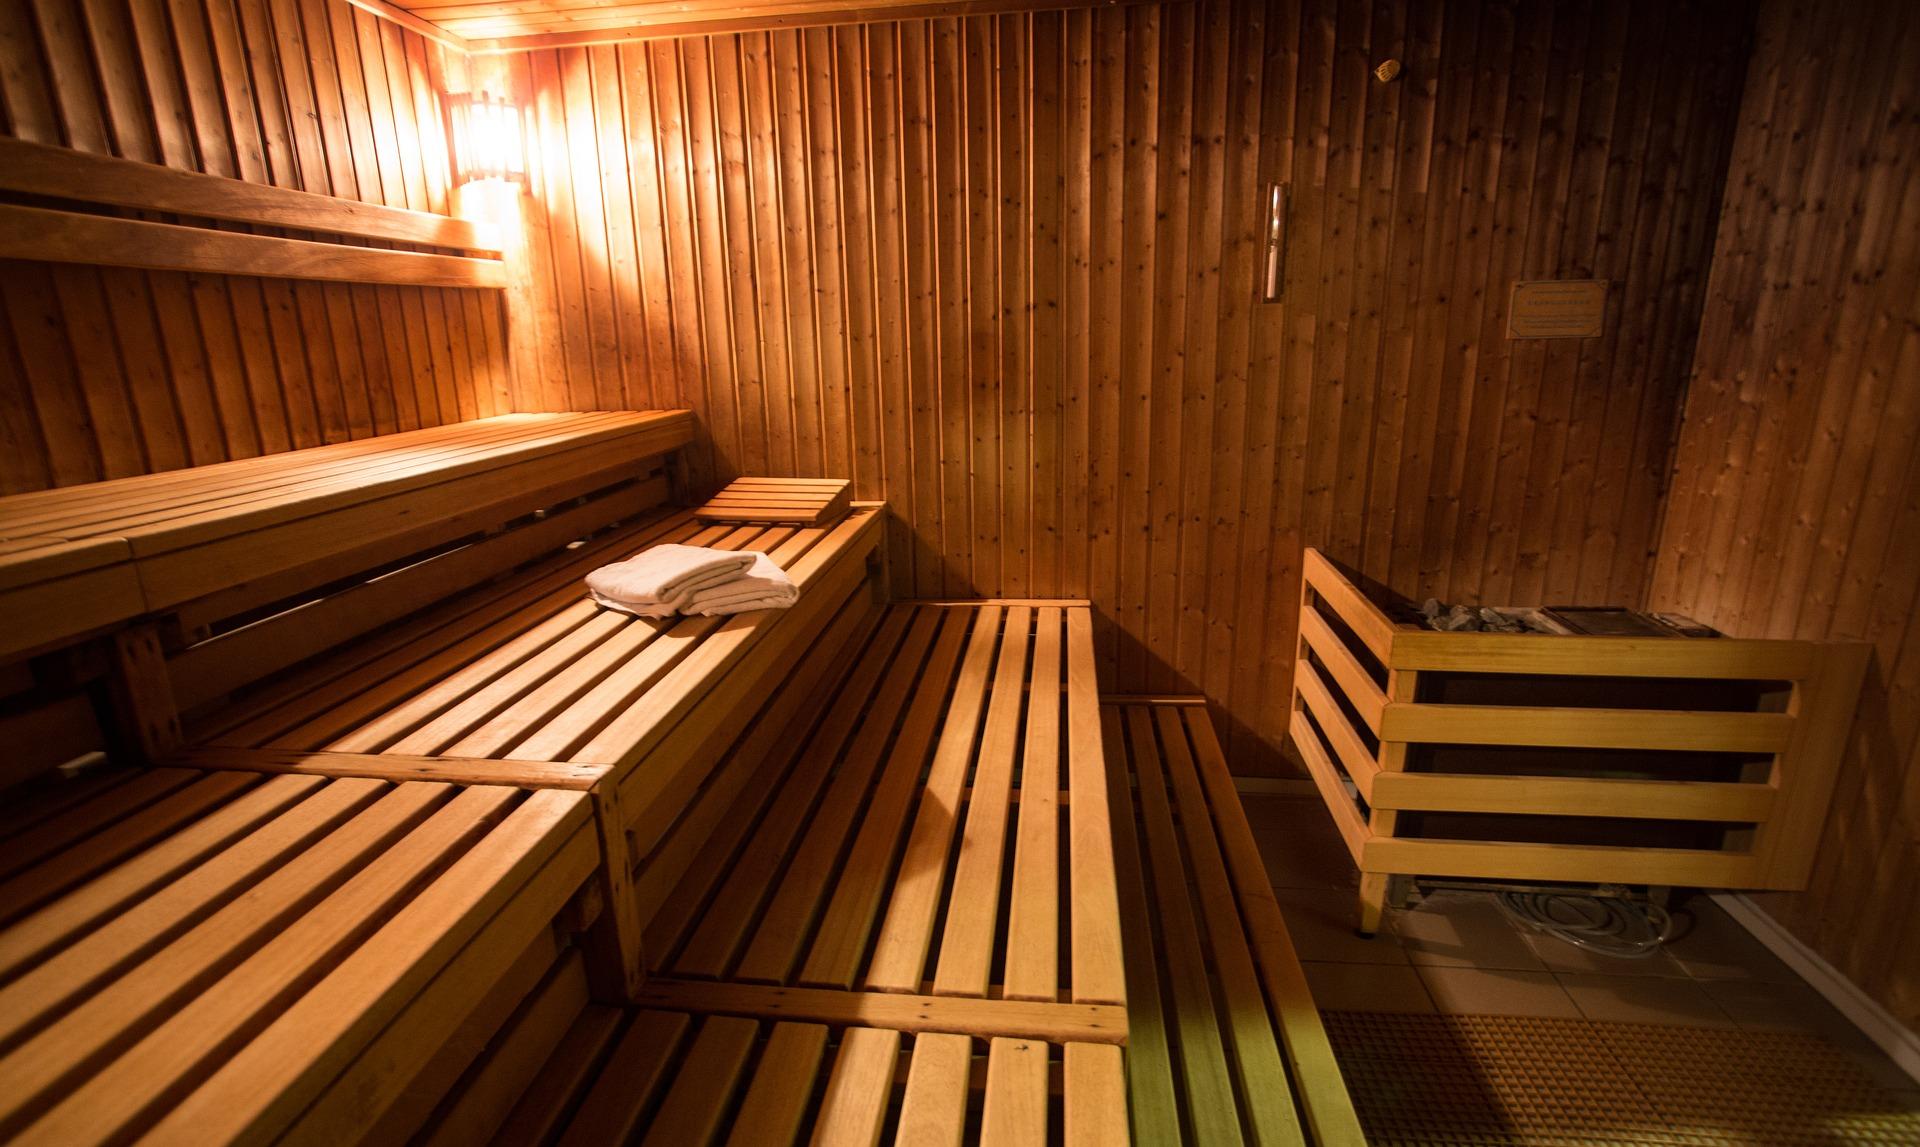 Gemischt sauna Finnland